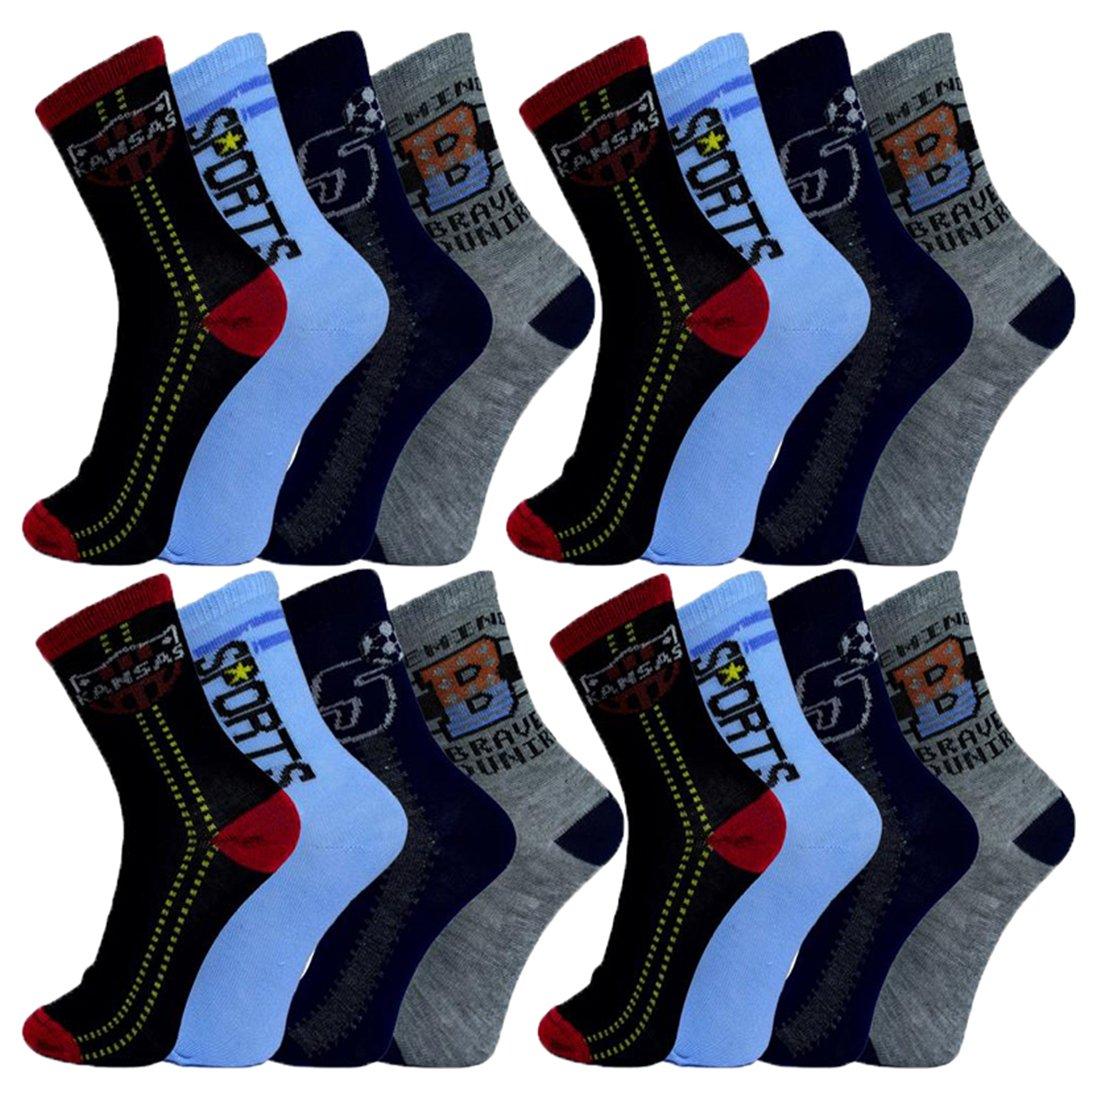 10 Stück Jungen Sneaker Socken Größe 24-39 Alle Preise inkl. gesetzlicher Mehrwertsteuer HR-397